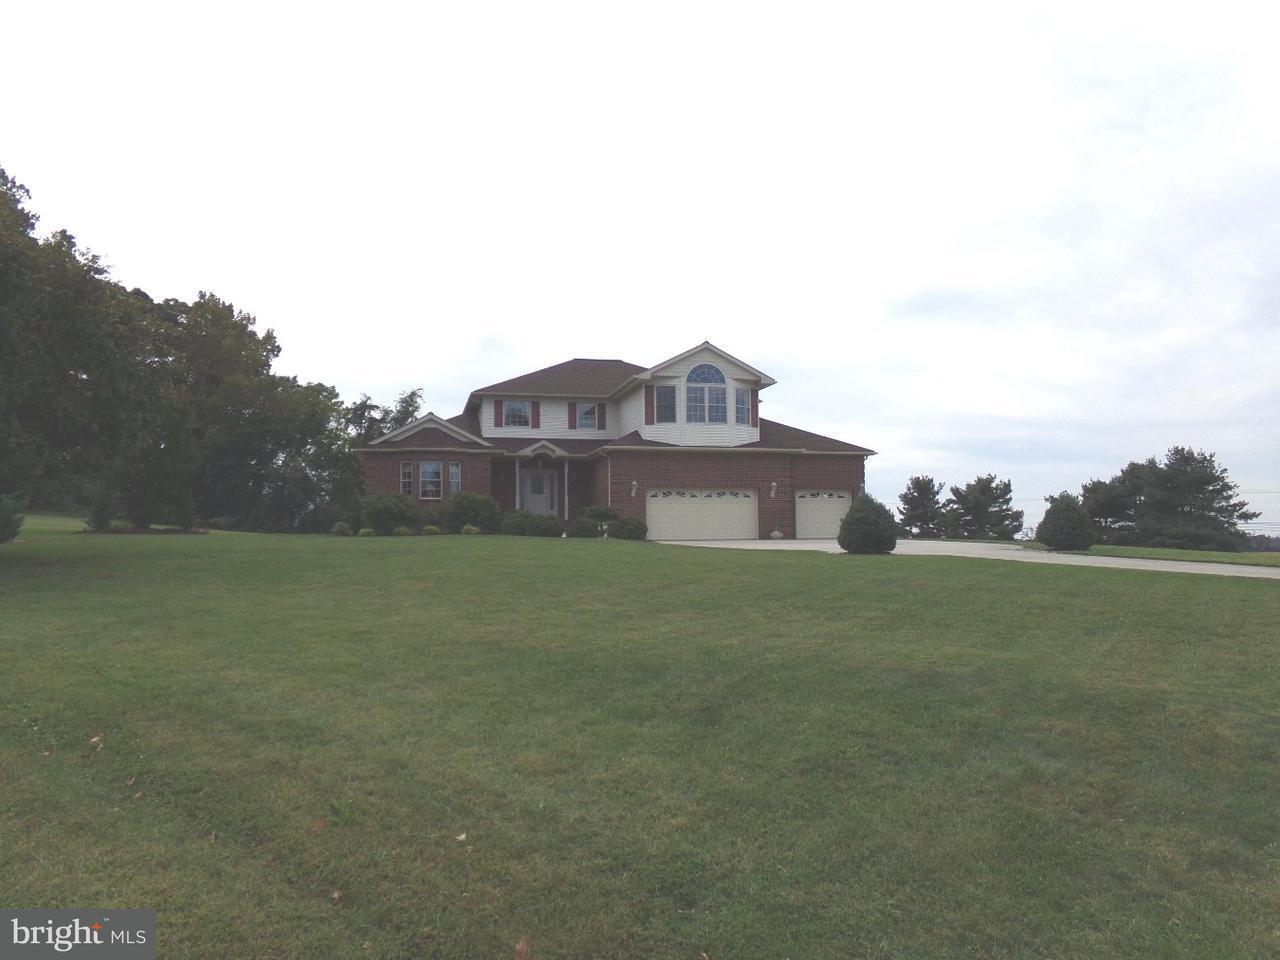 独户住宅 为 销售 在 7 HICKORY LN E Pilesgrove, 新泽西州 08098 美国